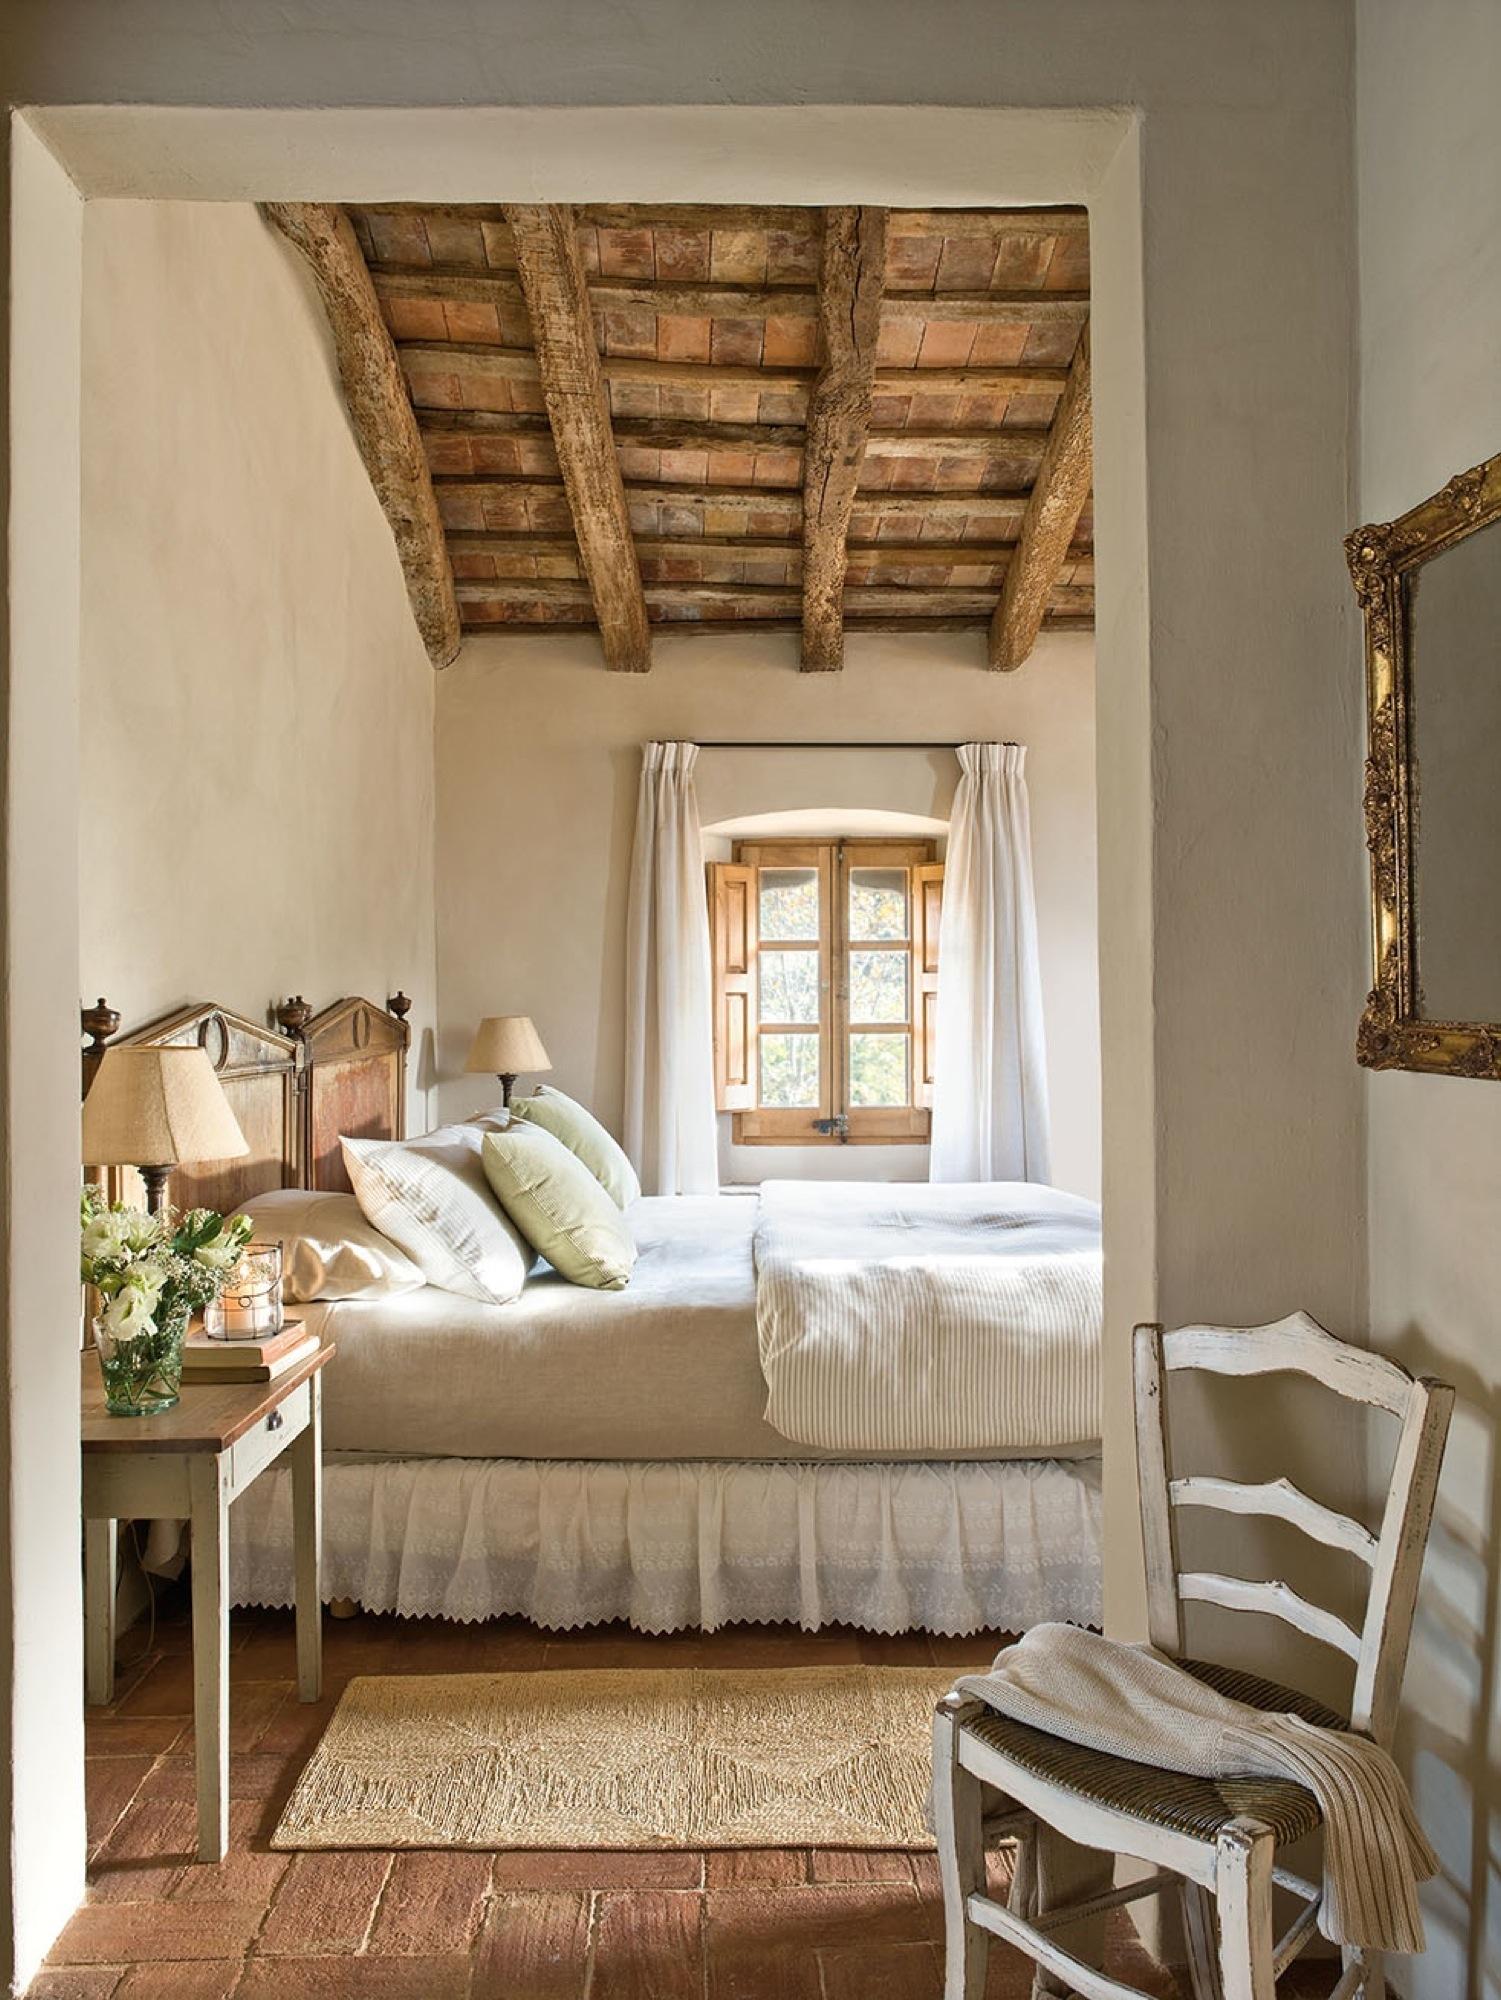 Dormitorios r sticos con mucho encanto - Lamparas estilo rustico ...